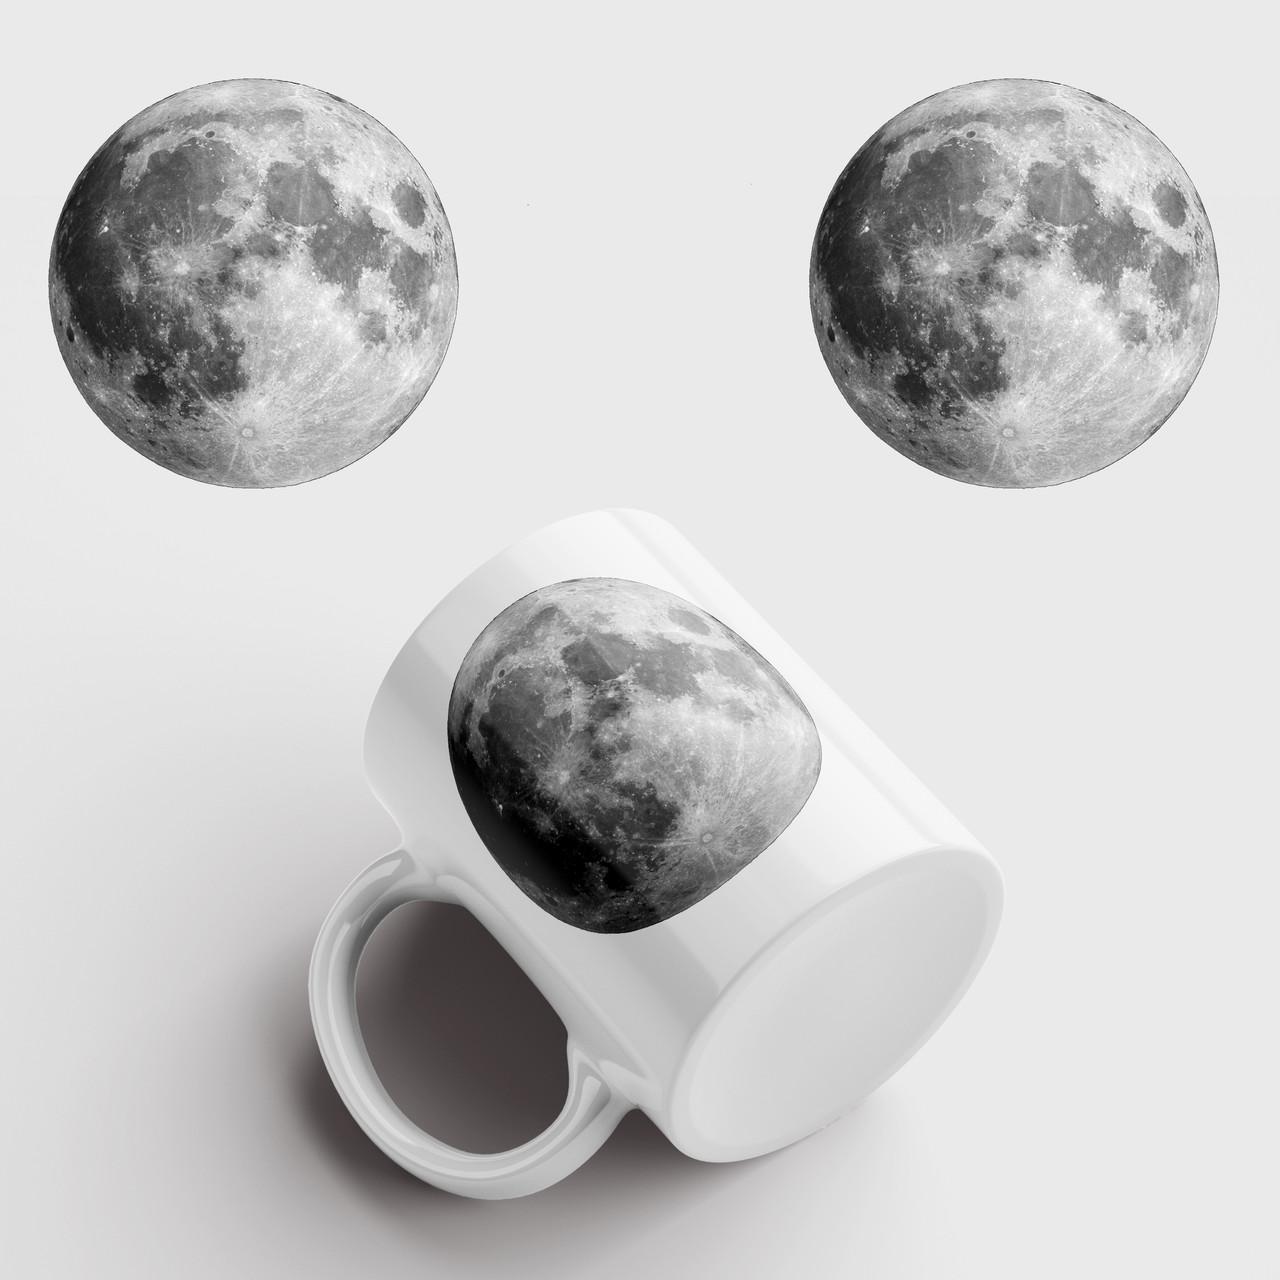 Кружка с принтом Луна. Moon. Чашка с фото